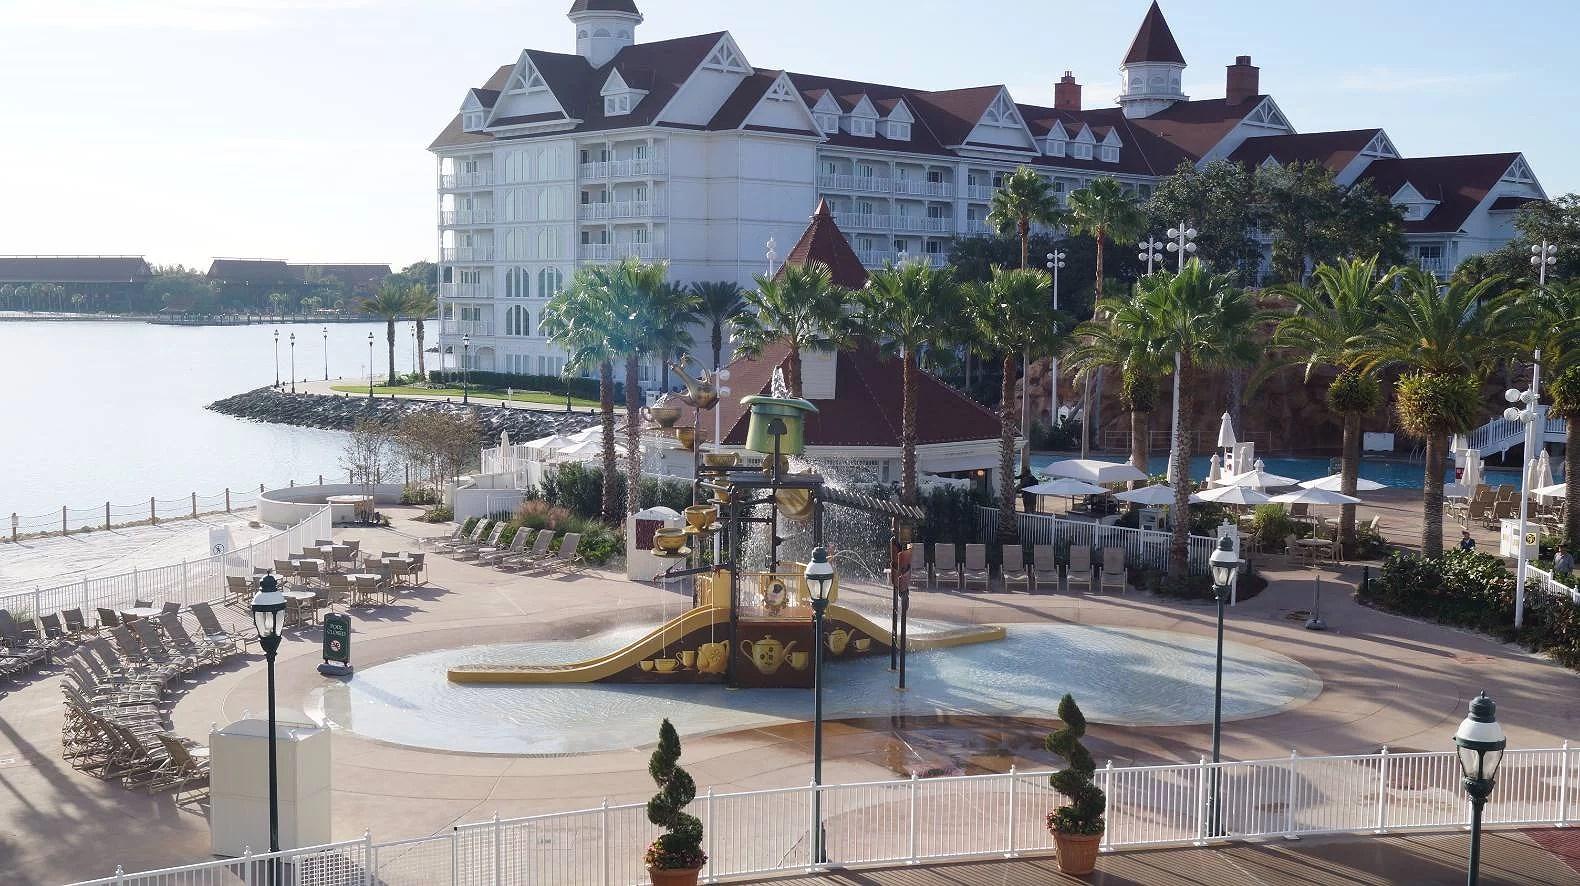 2-åring lämnad i varm bil på Disney's Grand Floridian